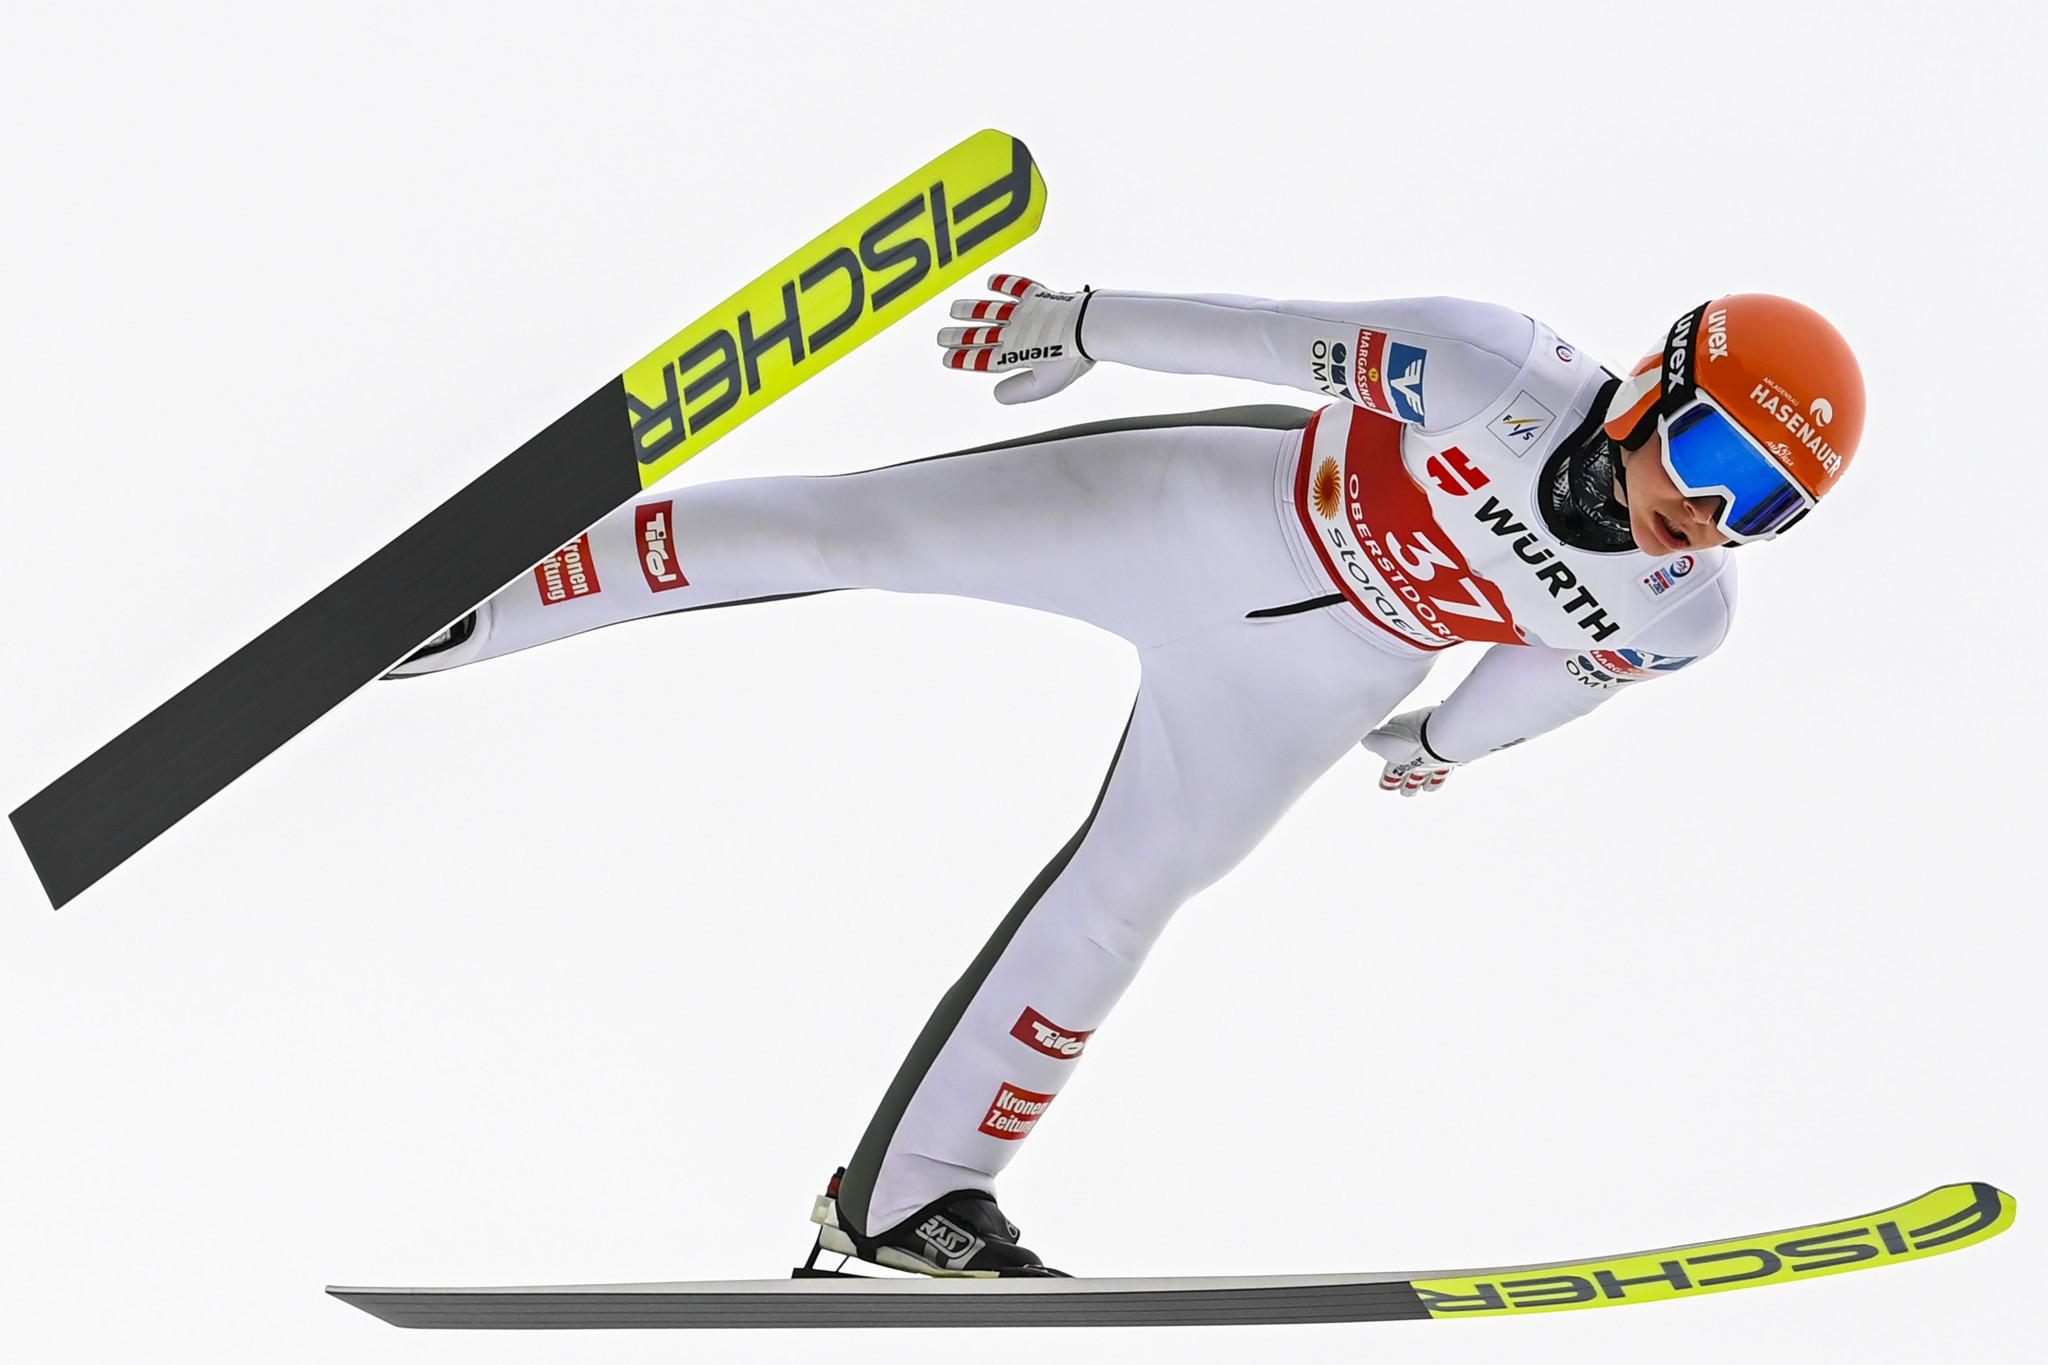 Kramer triumphs at FIS Women's Ski Jumping World Cup in Nizhny Tagil